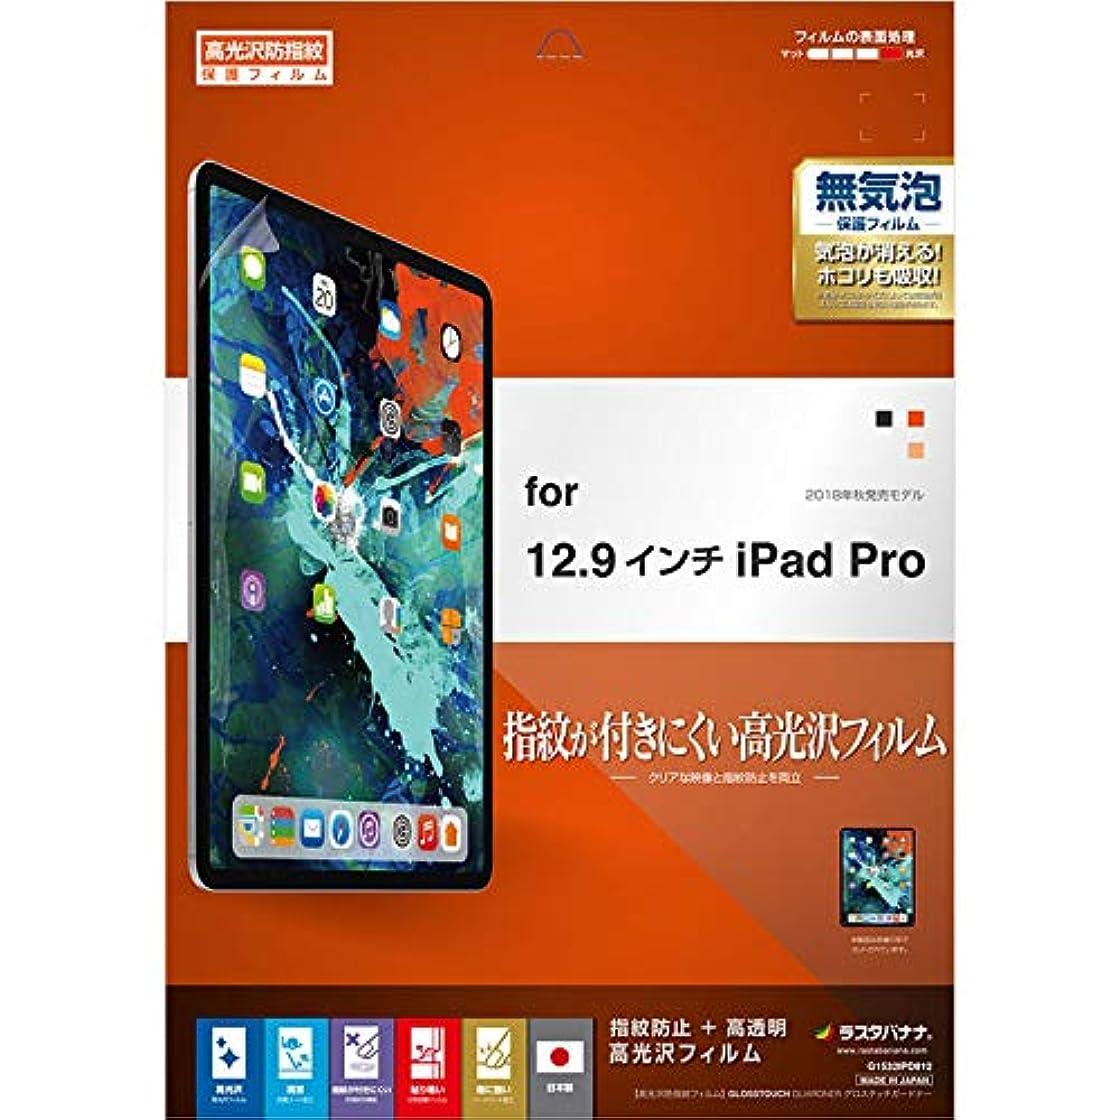 依存メンバー狐ラスタバナナ iPad Pro 12.9インチ 第3世代 (2018年発売) フィルム 平面保護 高光沢防指紋 アイパッド プロ 液晶保護フィルム G1532IPD812